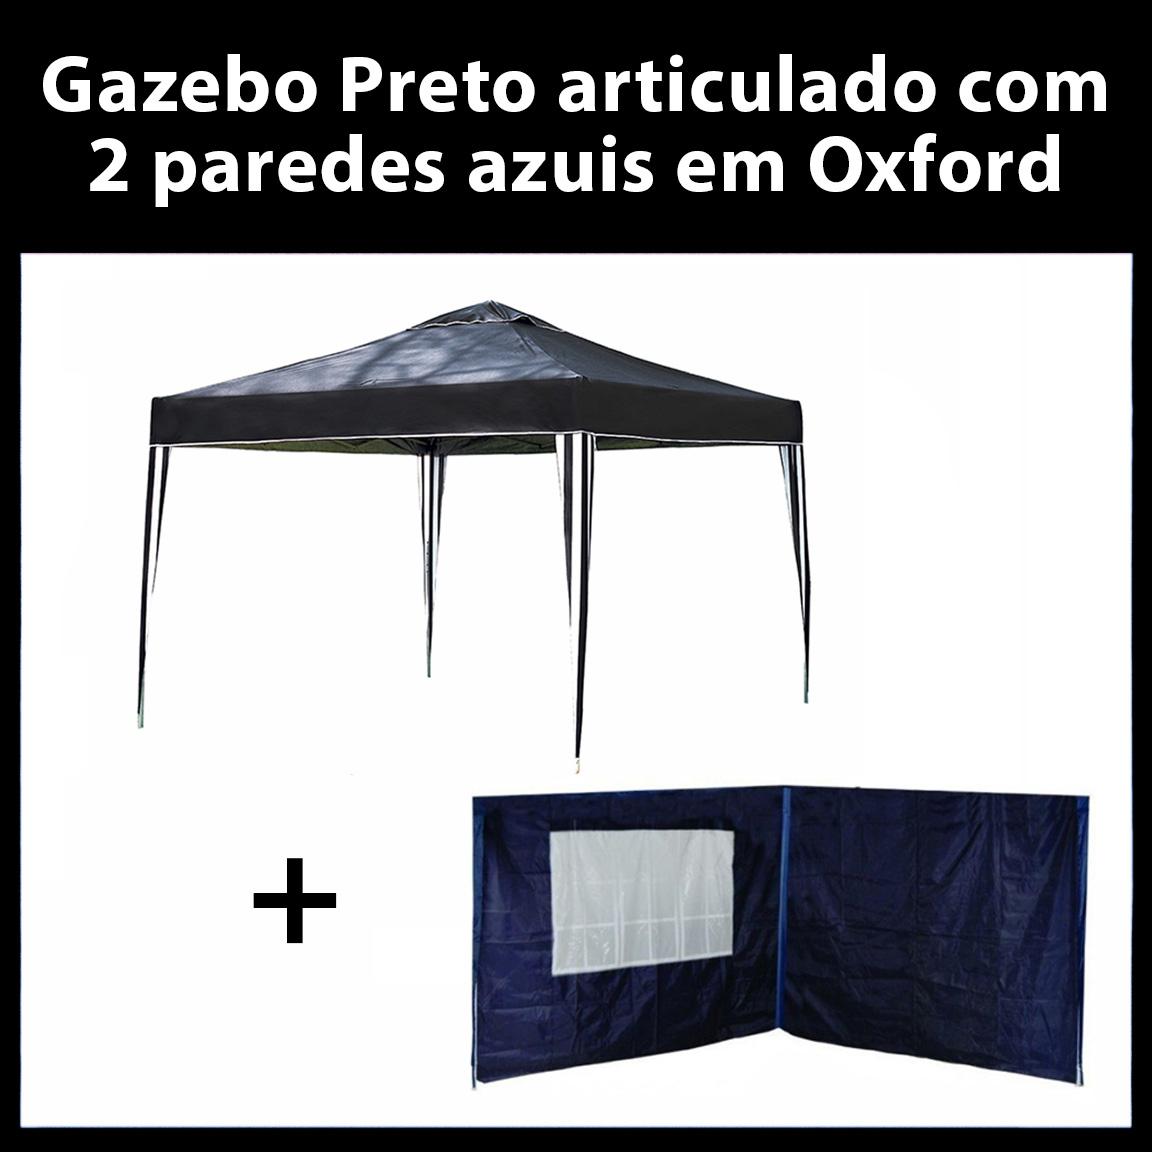 Gazebo 3x3 Articulado Preto em Aço + 2 Paredes Azuis de Oxford Eleva Mundi